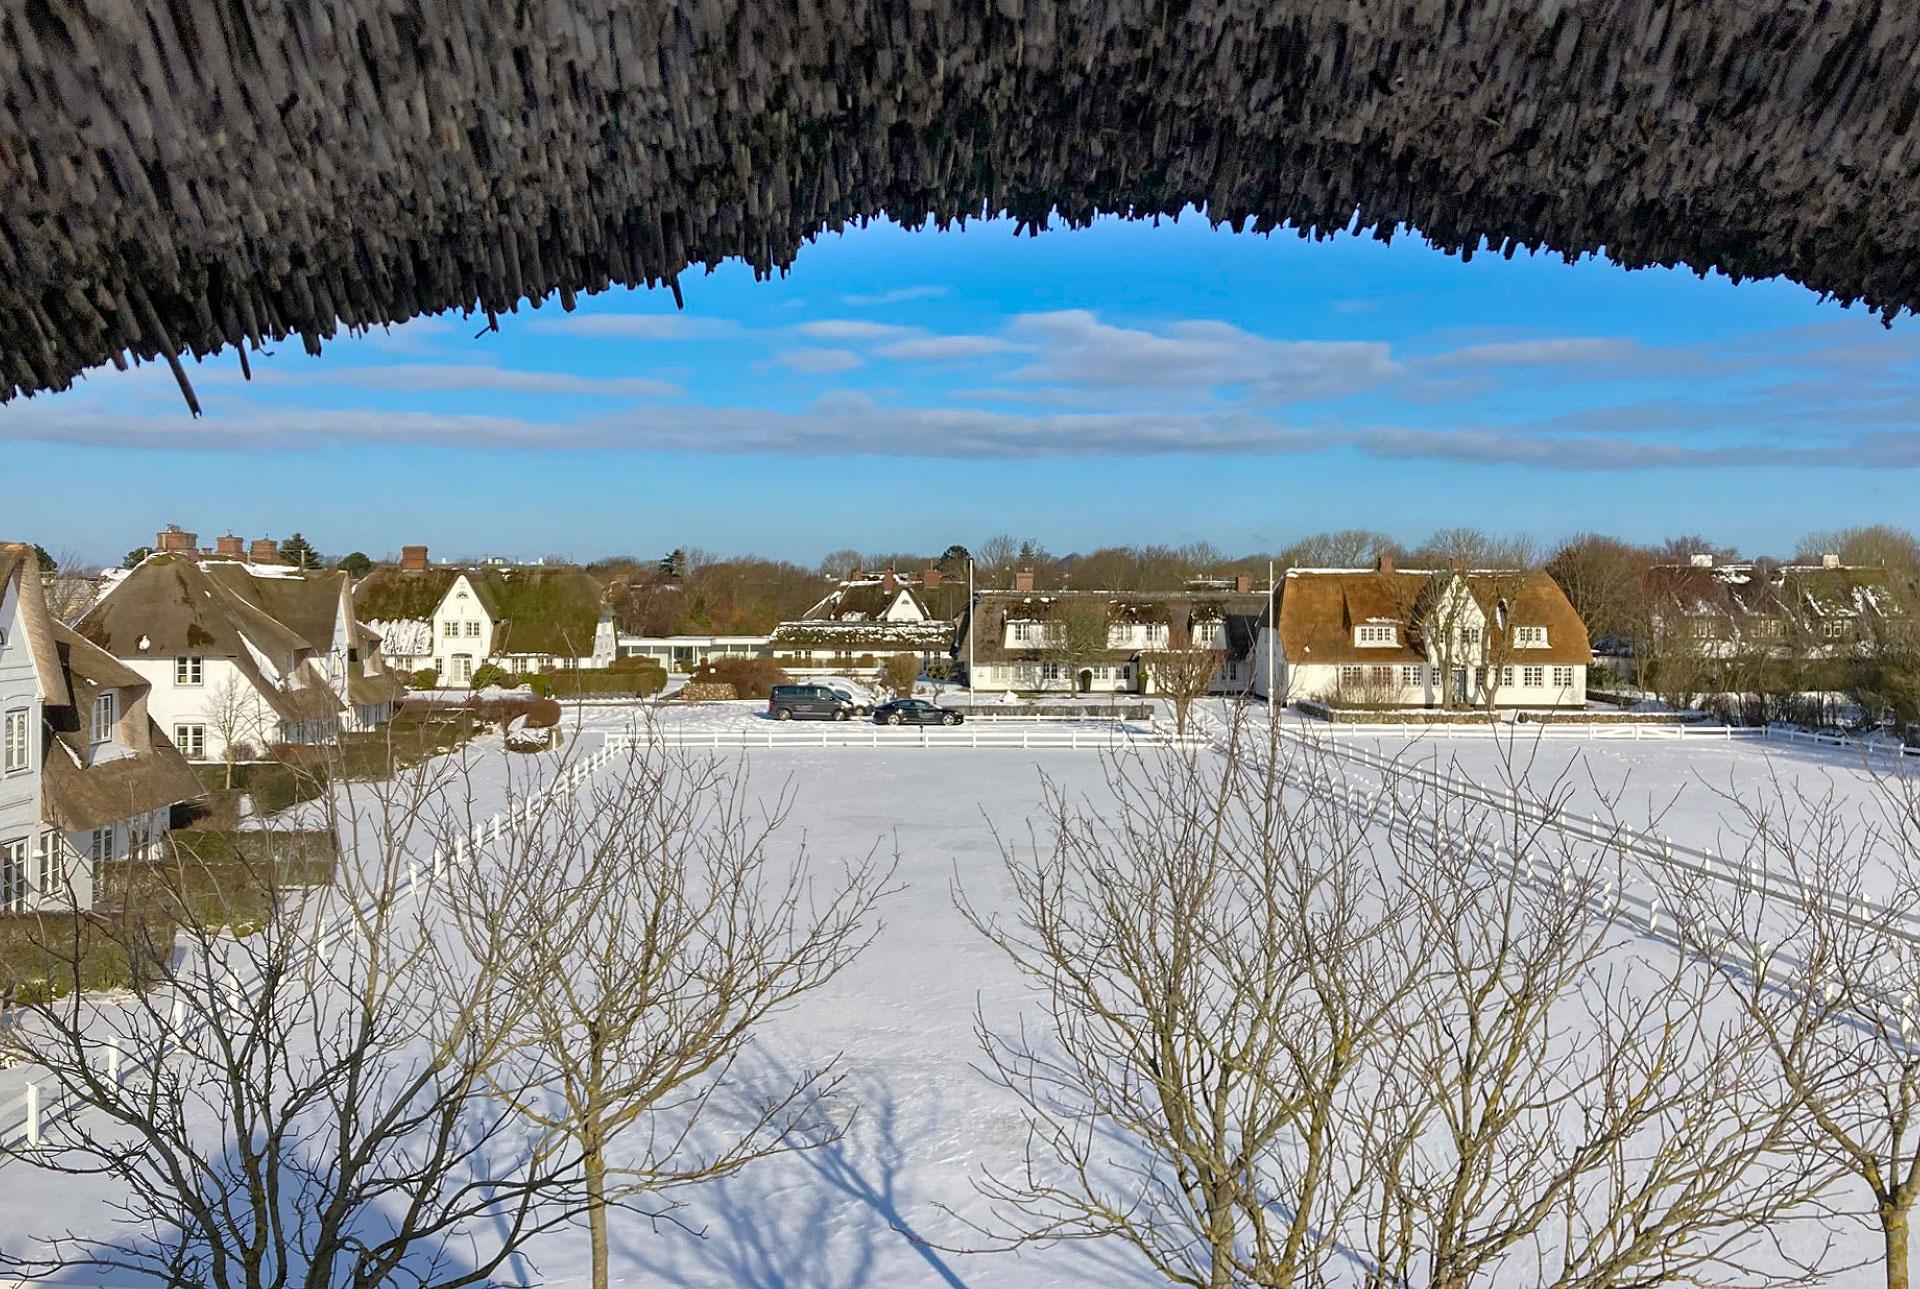 bild-galerie_winter2021_benen-diken-hof_hotel_2021-14